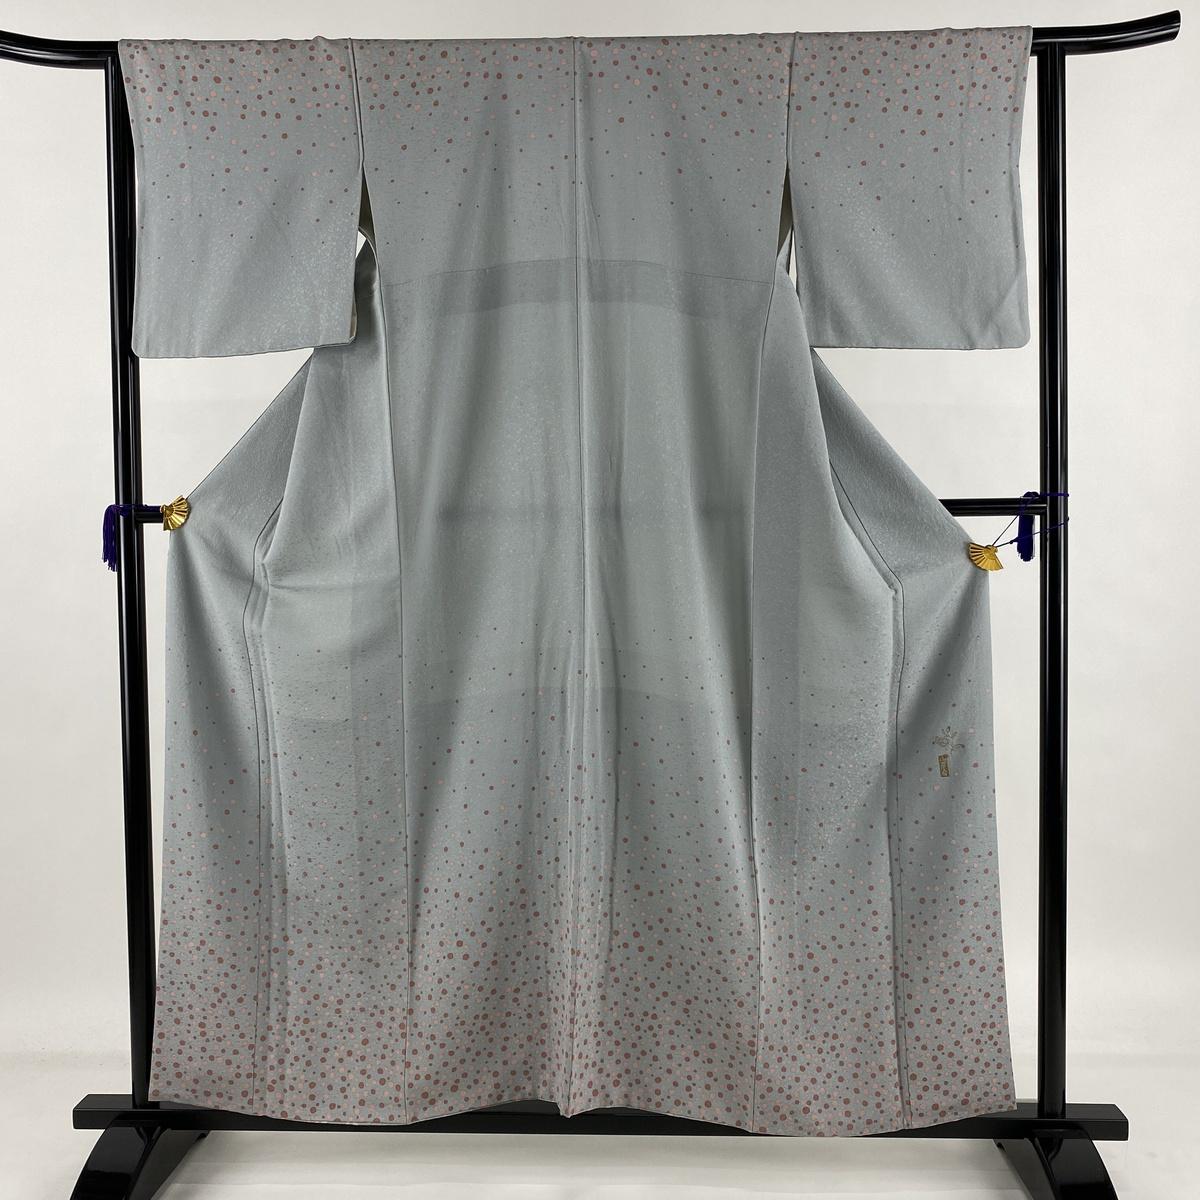 ランクA 着物 リサイクル 送料無料 訪問着 美品 秀品 落款あり かわいい デポー 正絹 中古 大小あられ M 袷 日本全国 裄丈64cm 身丈157cm 青灰色